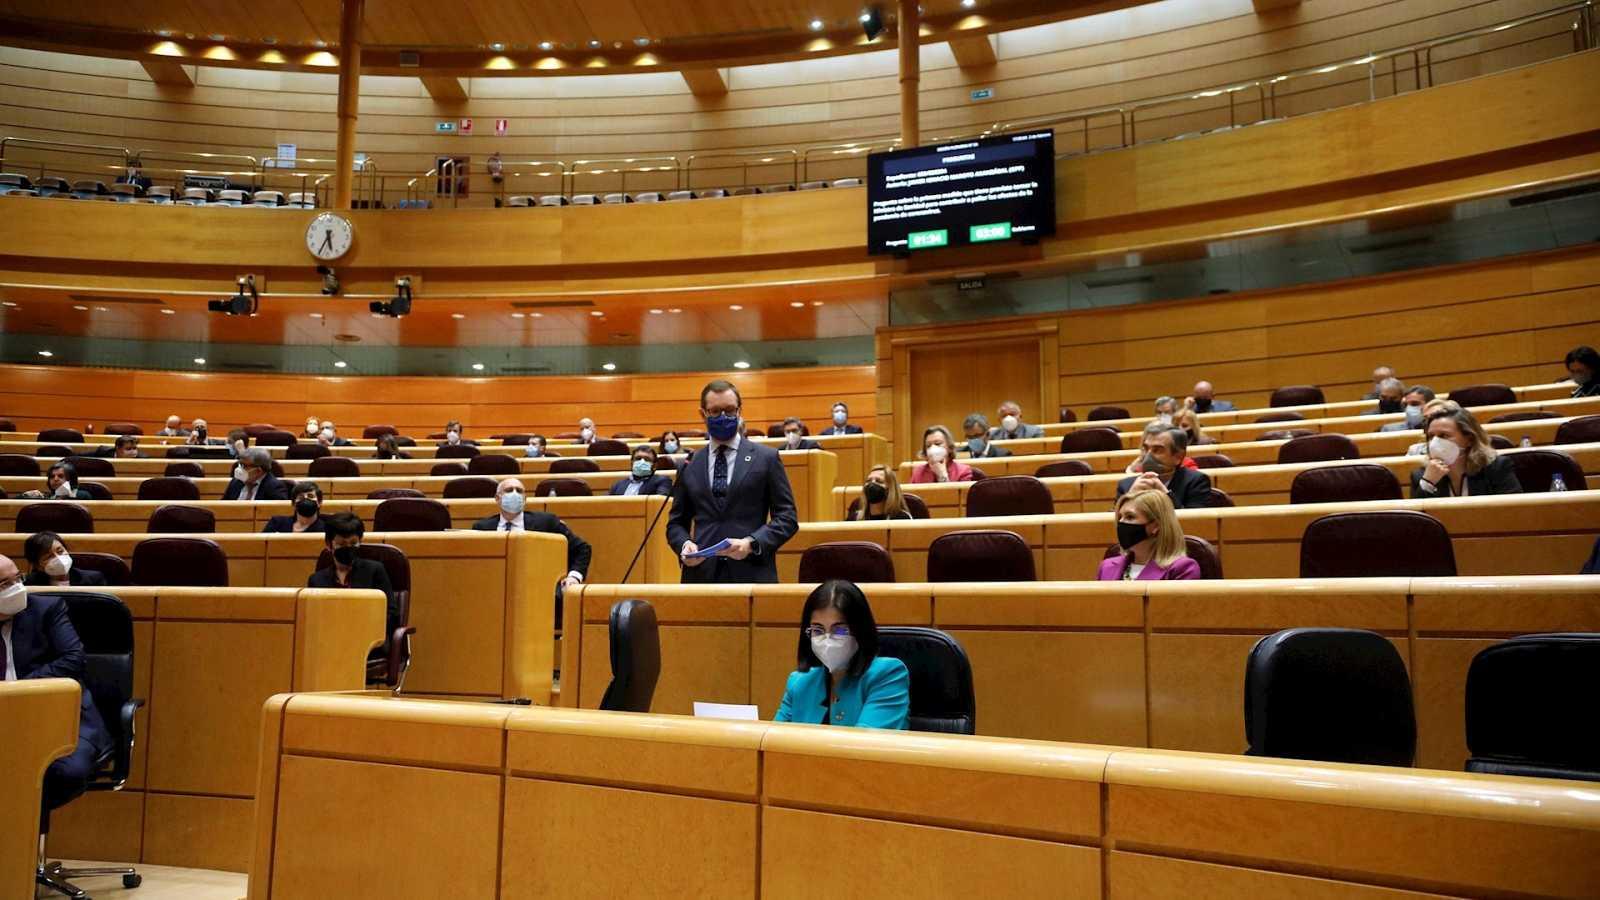 Parlamento - Radio 5 - ¿Cómo ha cambiado el teletrabajo la vida en el Senado? - Escuchar ahora